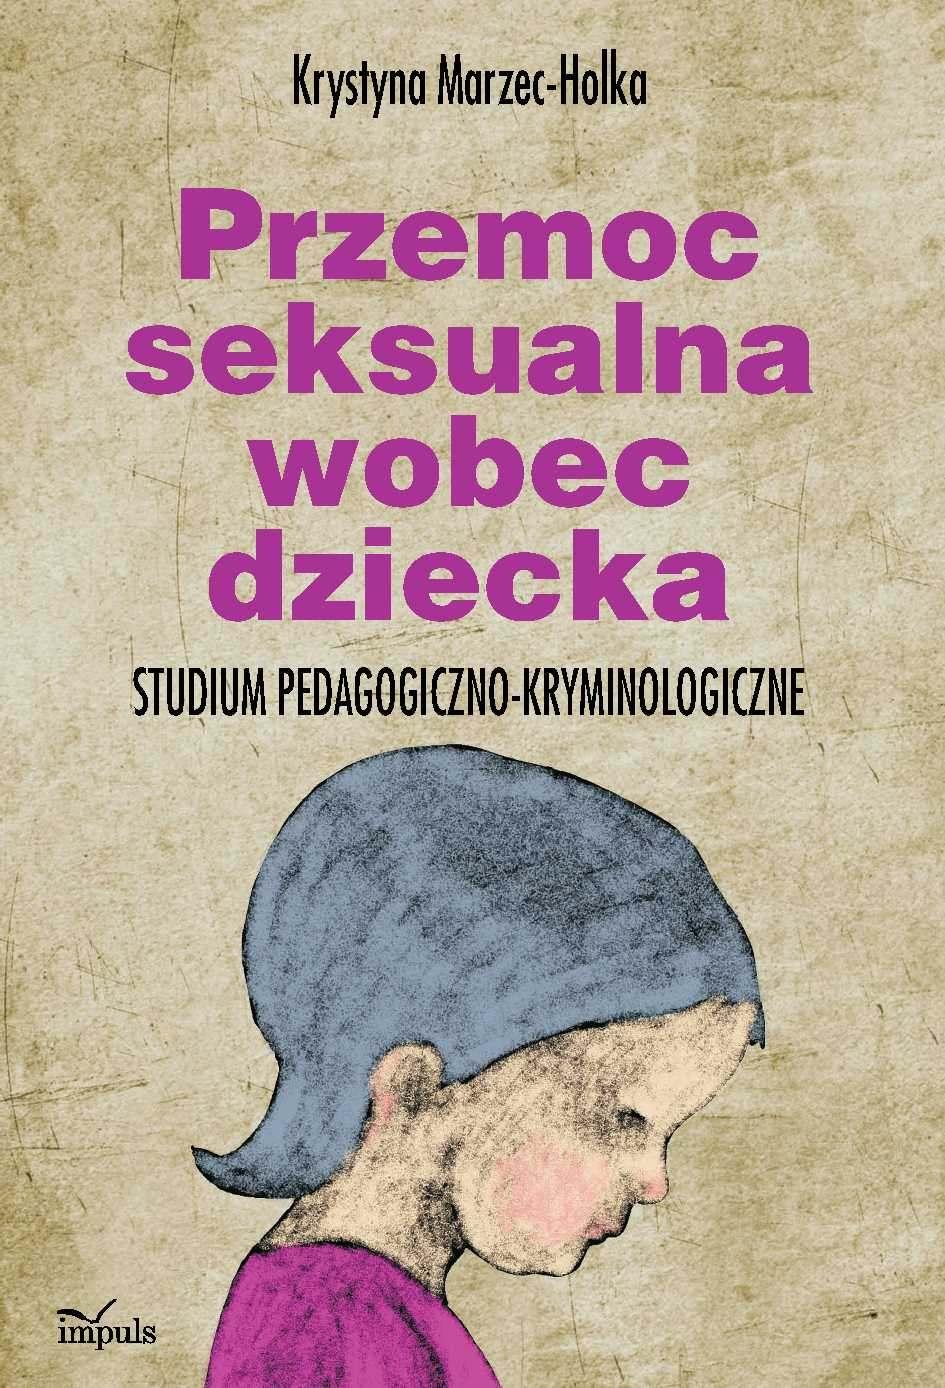 Przemoc seksualna wobec dziecka - Ebook (Książka PDF) do pobrania w formacie PDF